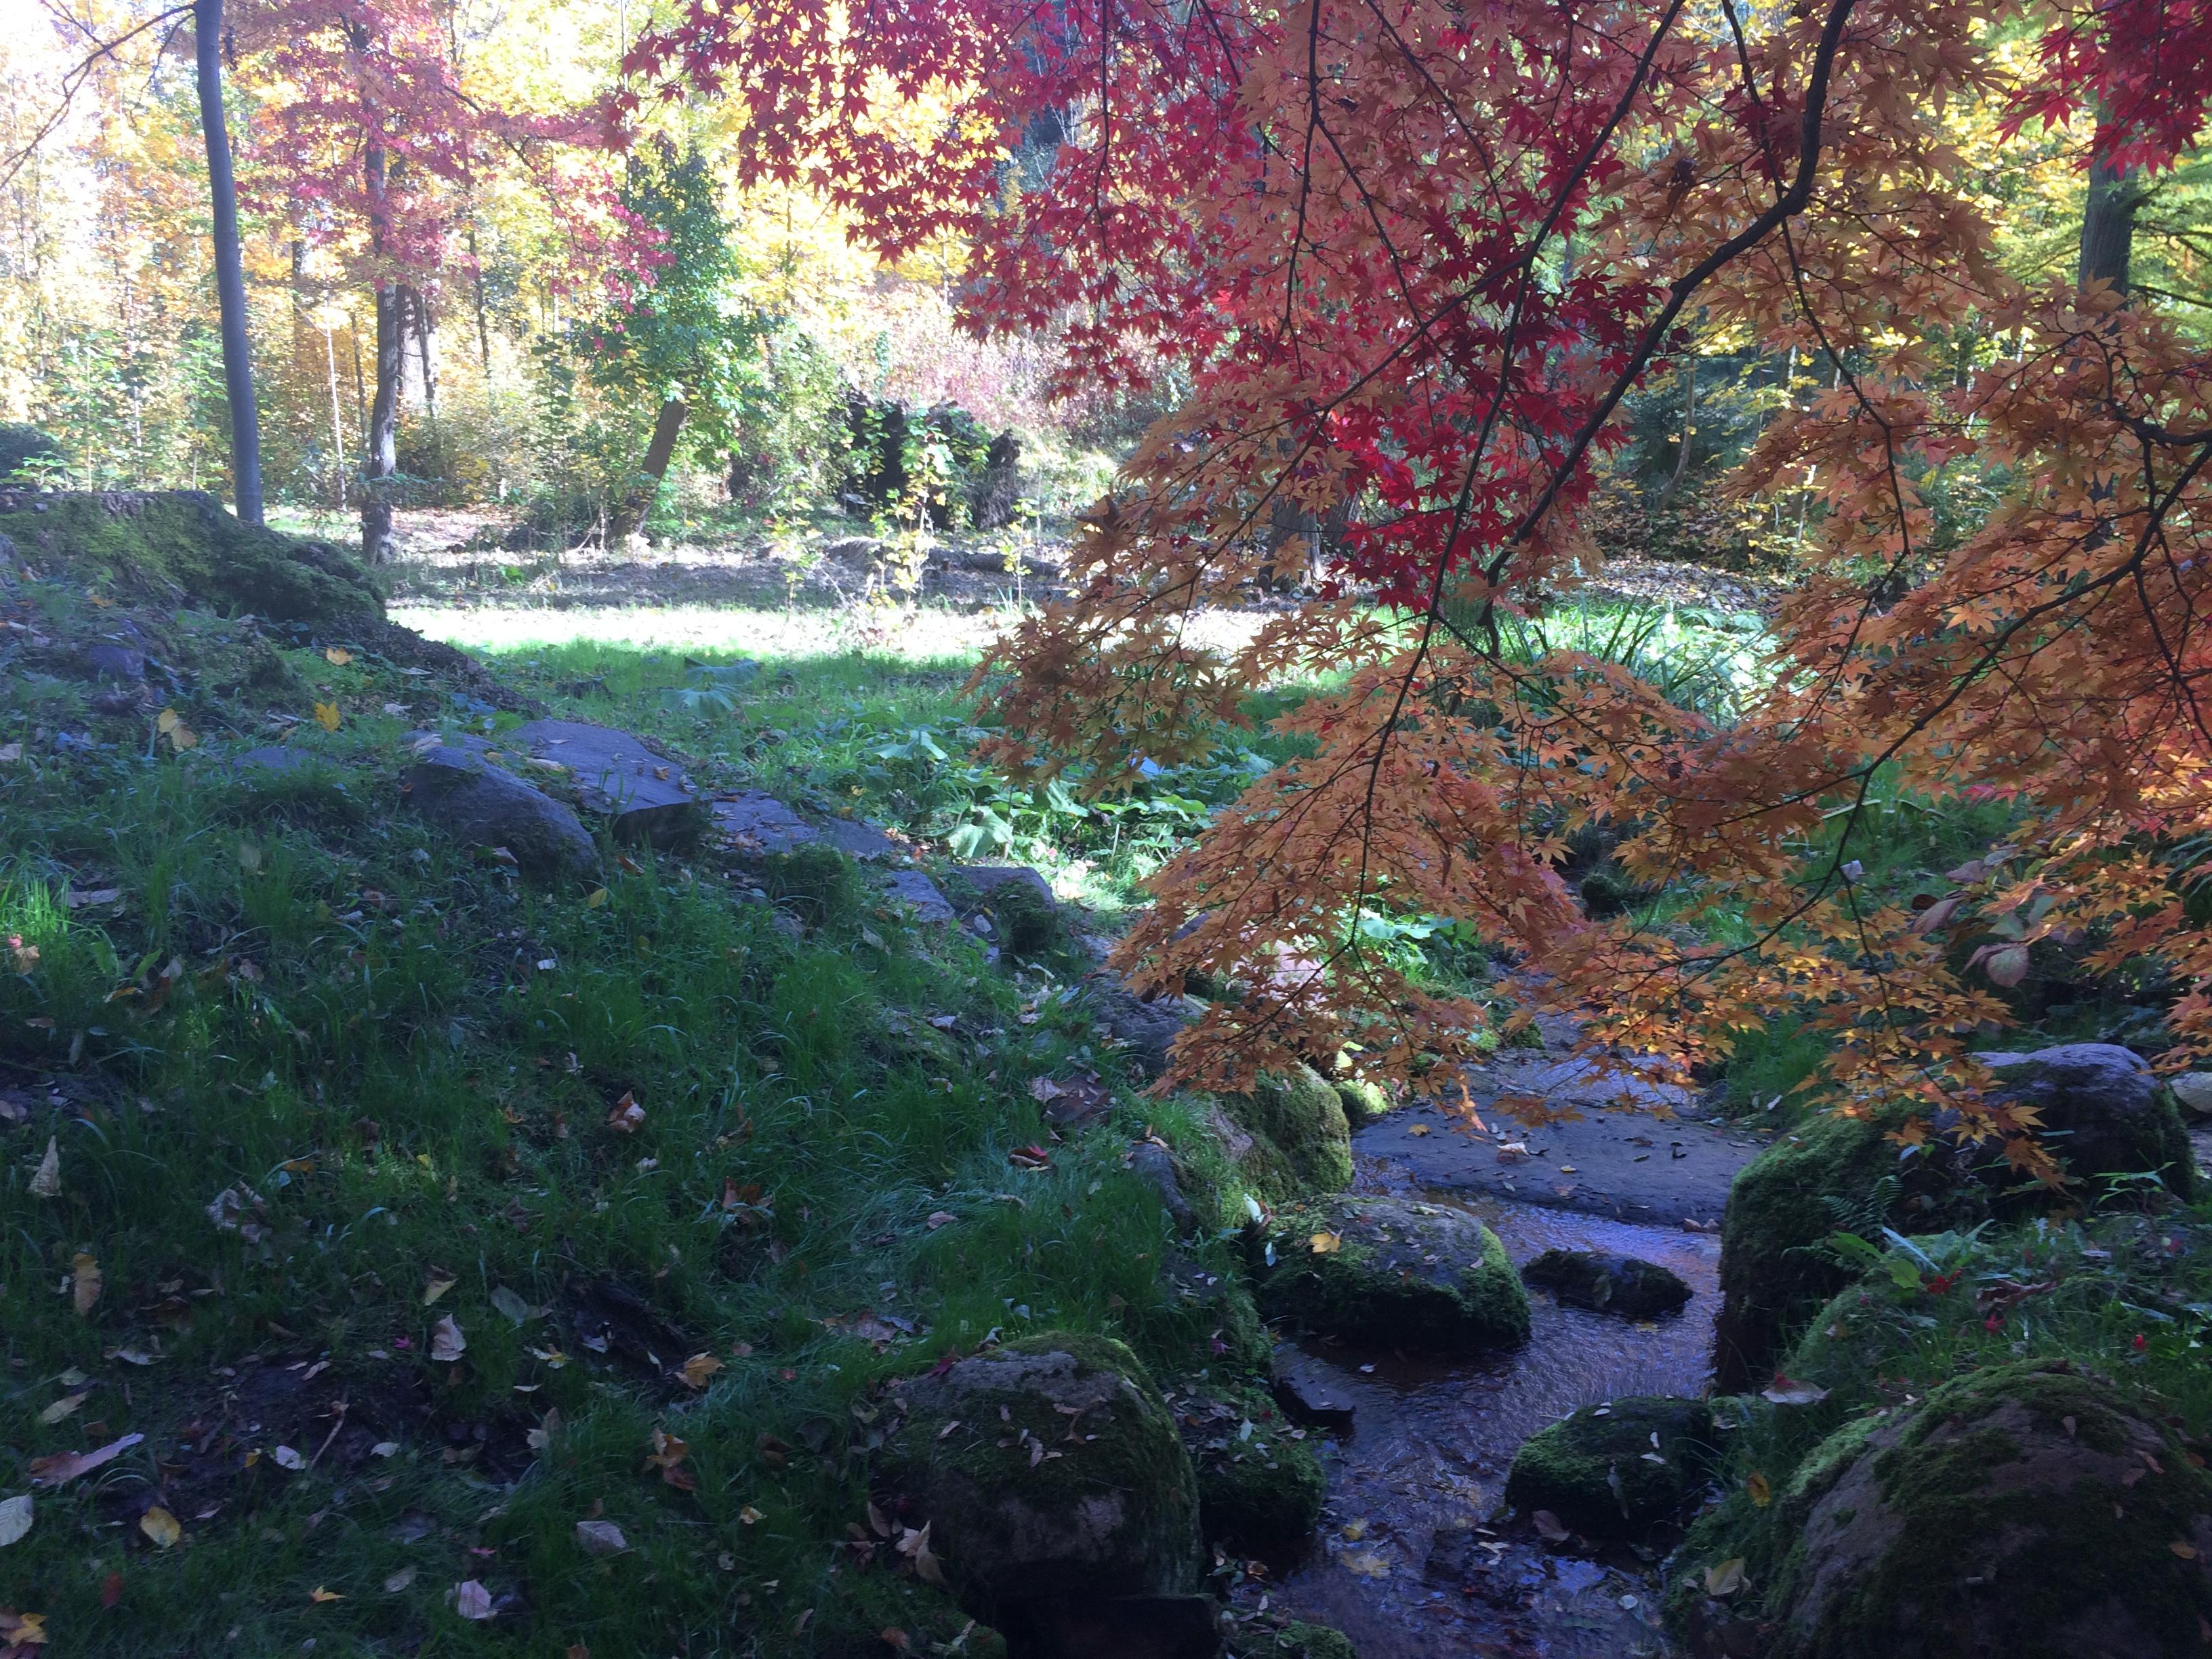 Botaniczna Piątka - edycja jesienna wirtu@lna